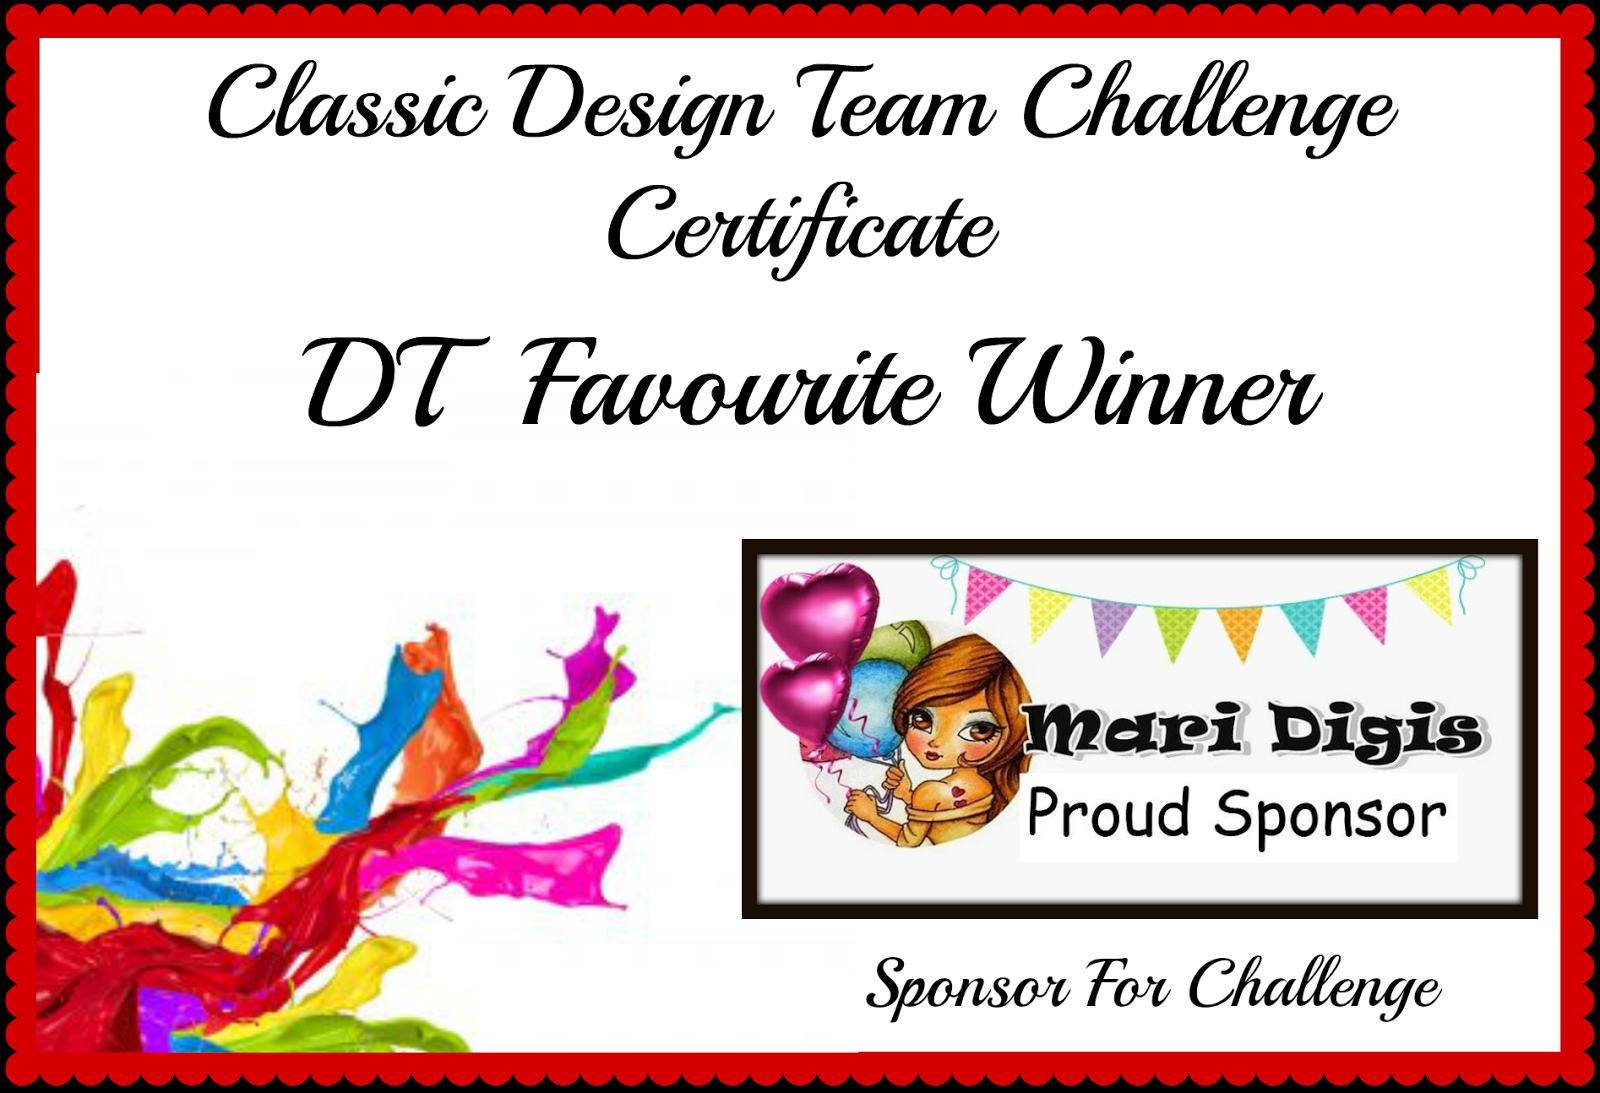 DT Favorite